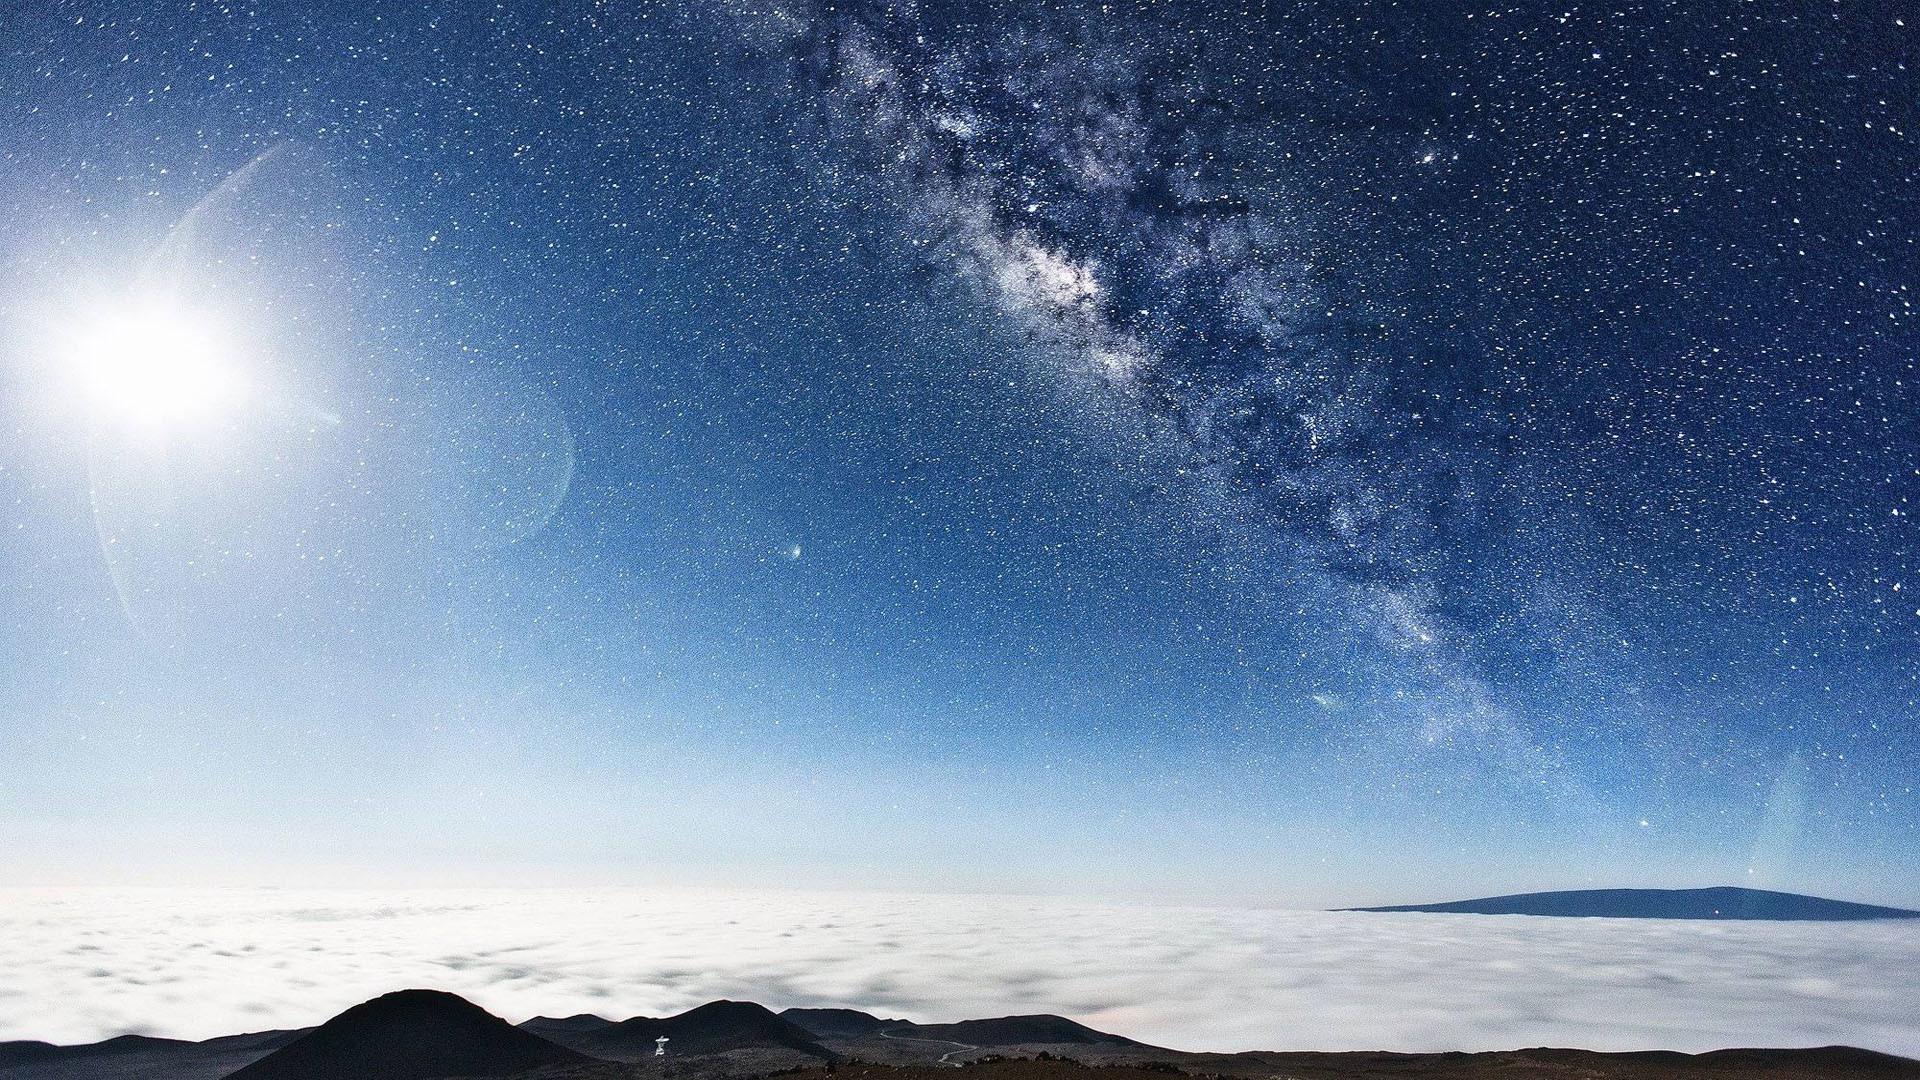 The Milky Way seen from the top of Mauna Kea in Hawaii (1920×1080) HD